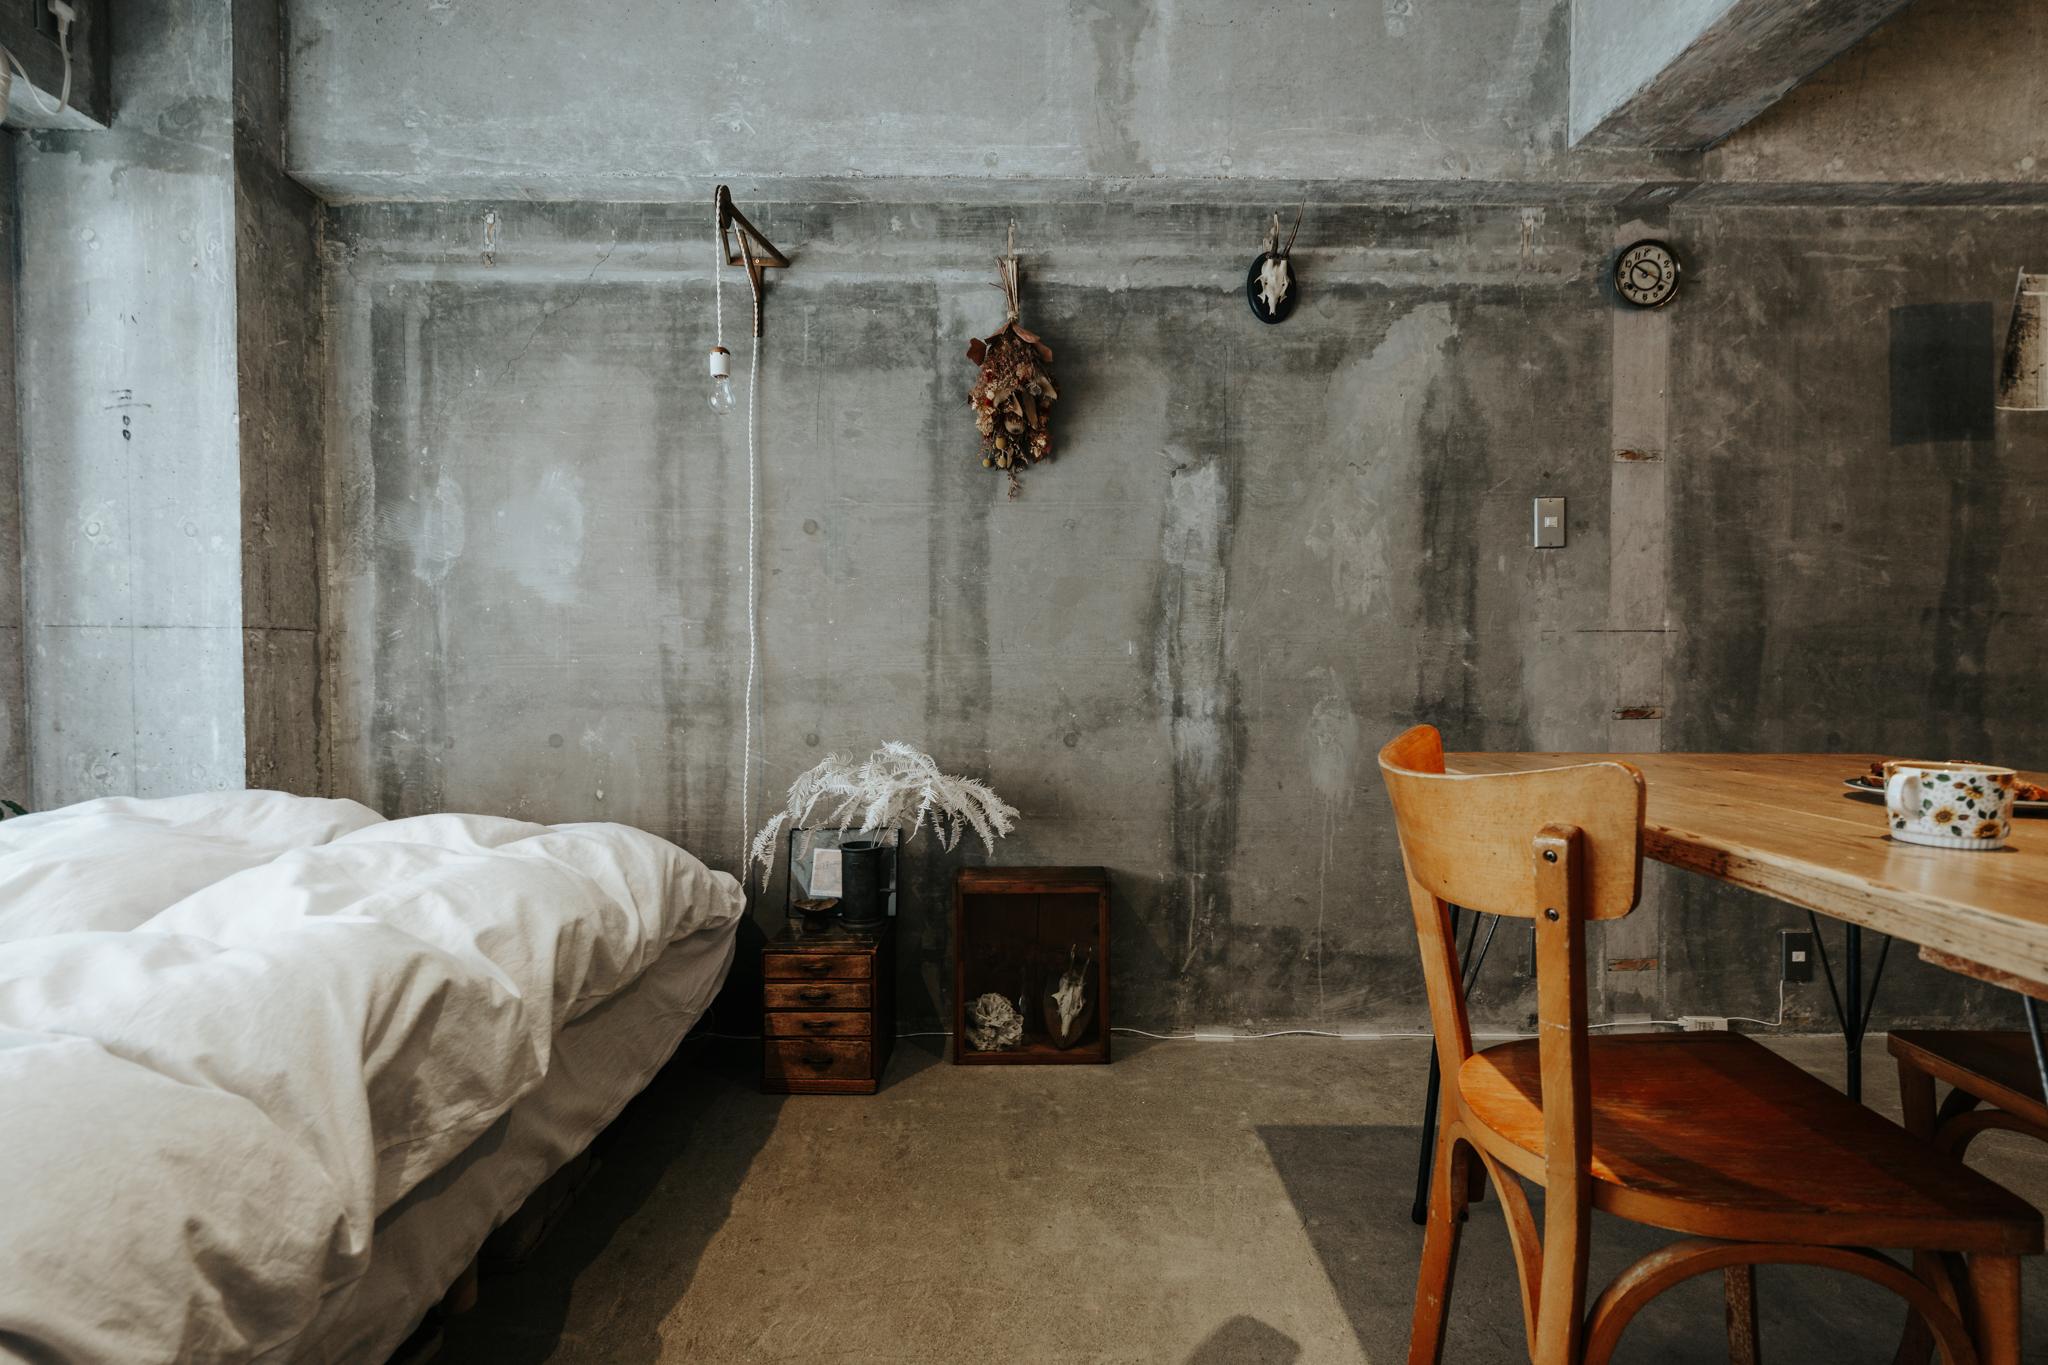 壁紙を剥いであらわれた、コンクリートの表面。ざっくりとした質感の壁に、蚤の市や骨董市で買ってきた雑貨や小さな家具が、よく映えます。